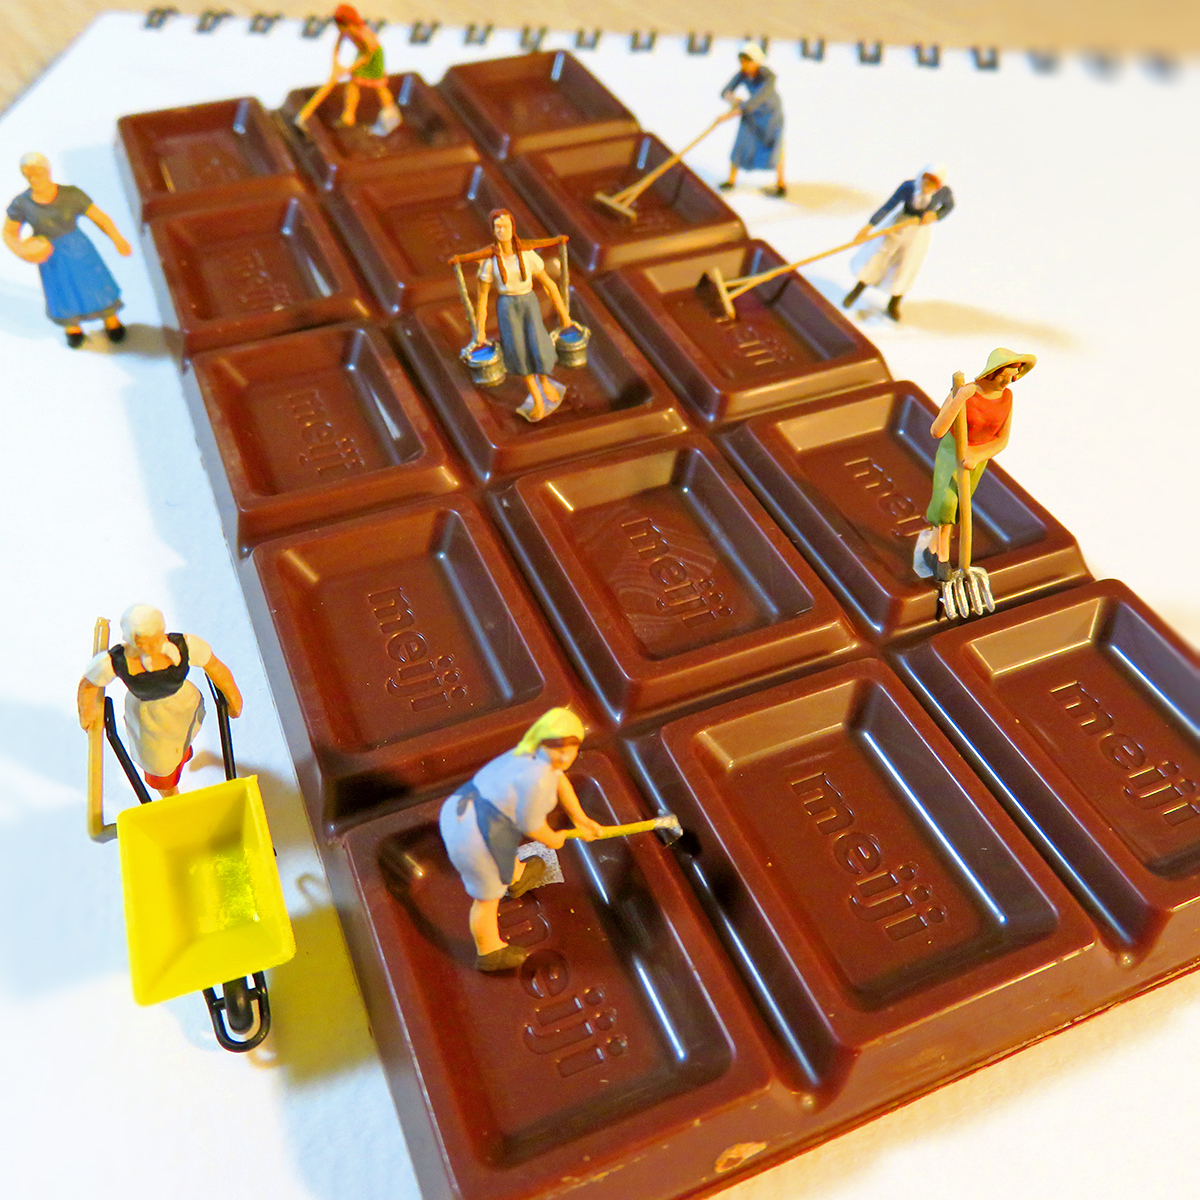 明日のバレンタインデーに向けて巨大な板チョコを作る農家の女性たち